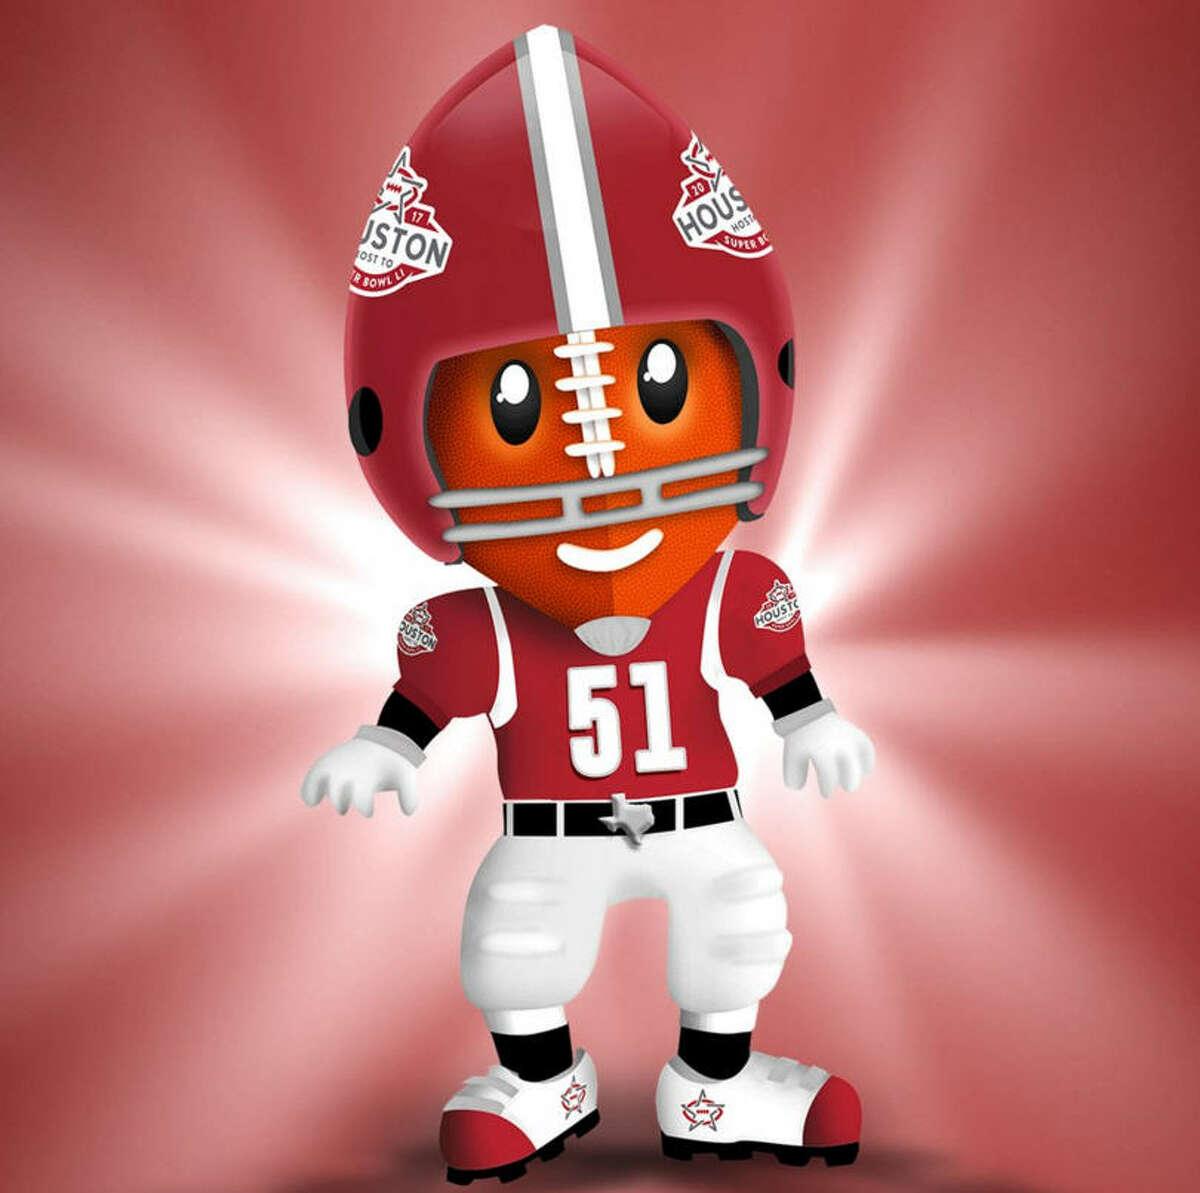 Meet TD - Houston Super Bowl mascot.